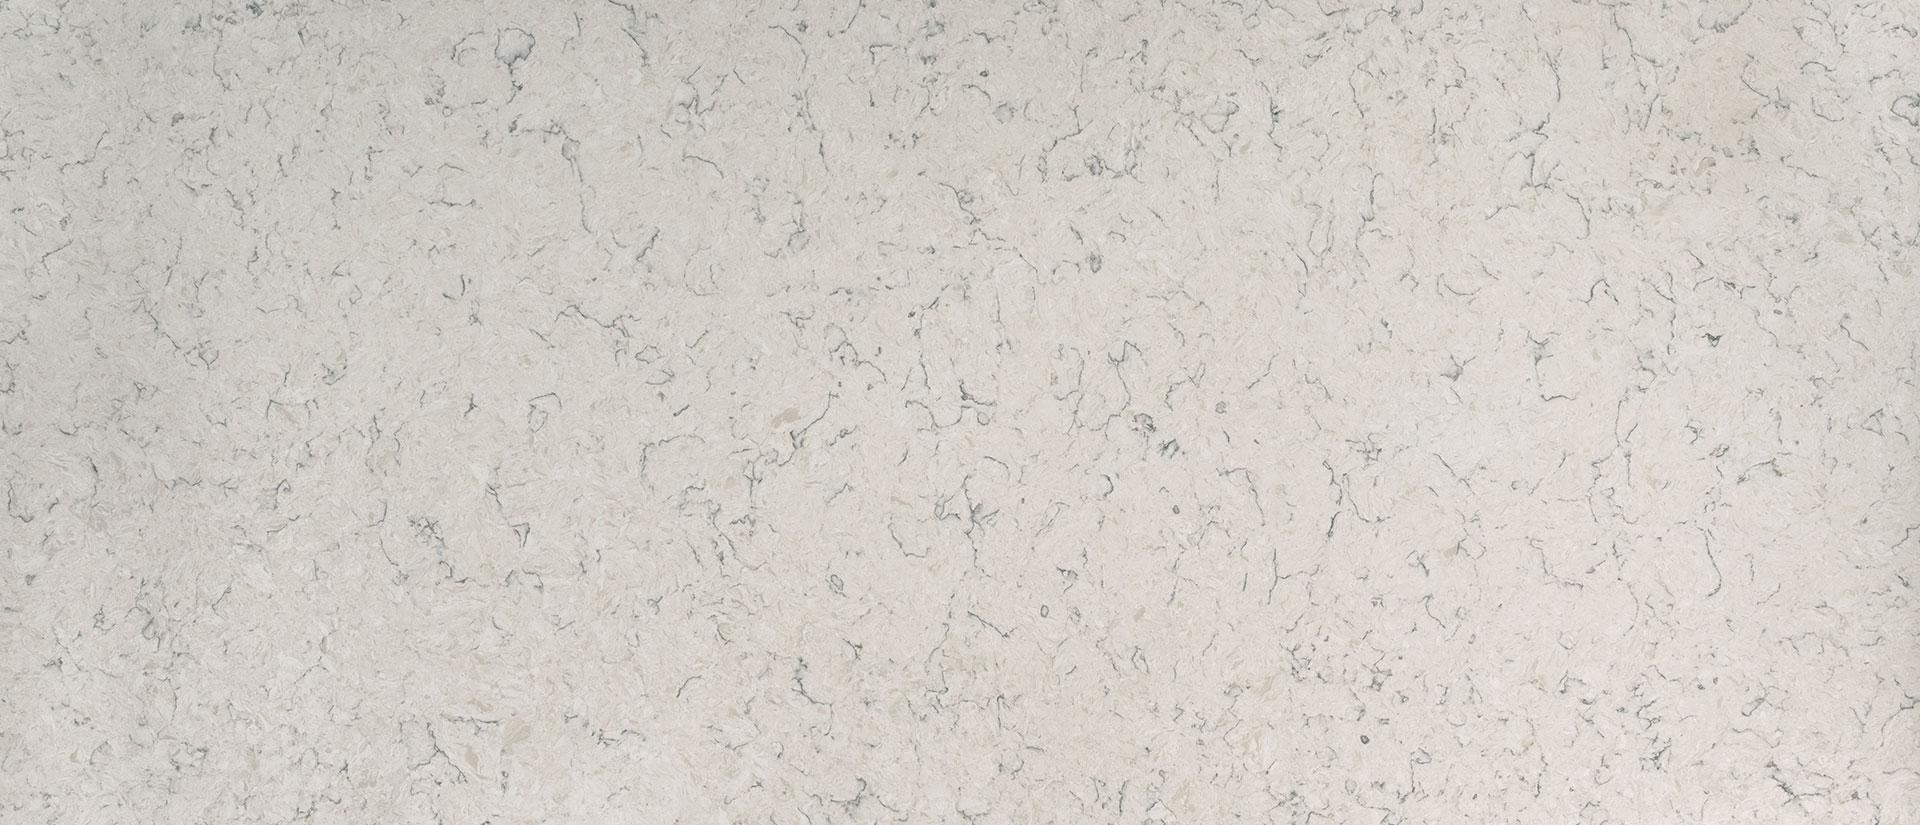 Carrara Mist Quartz - MSI